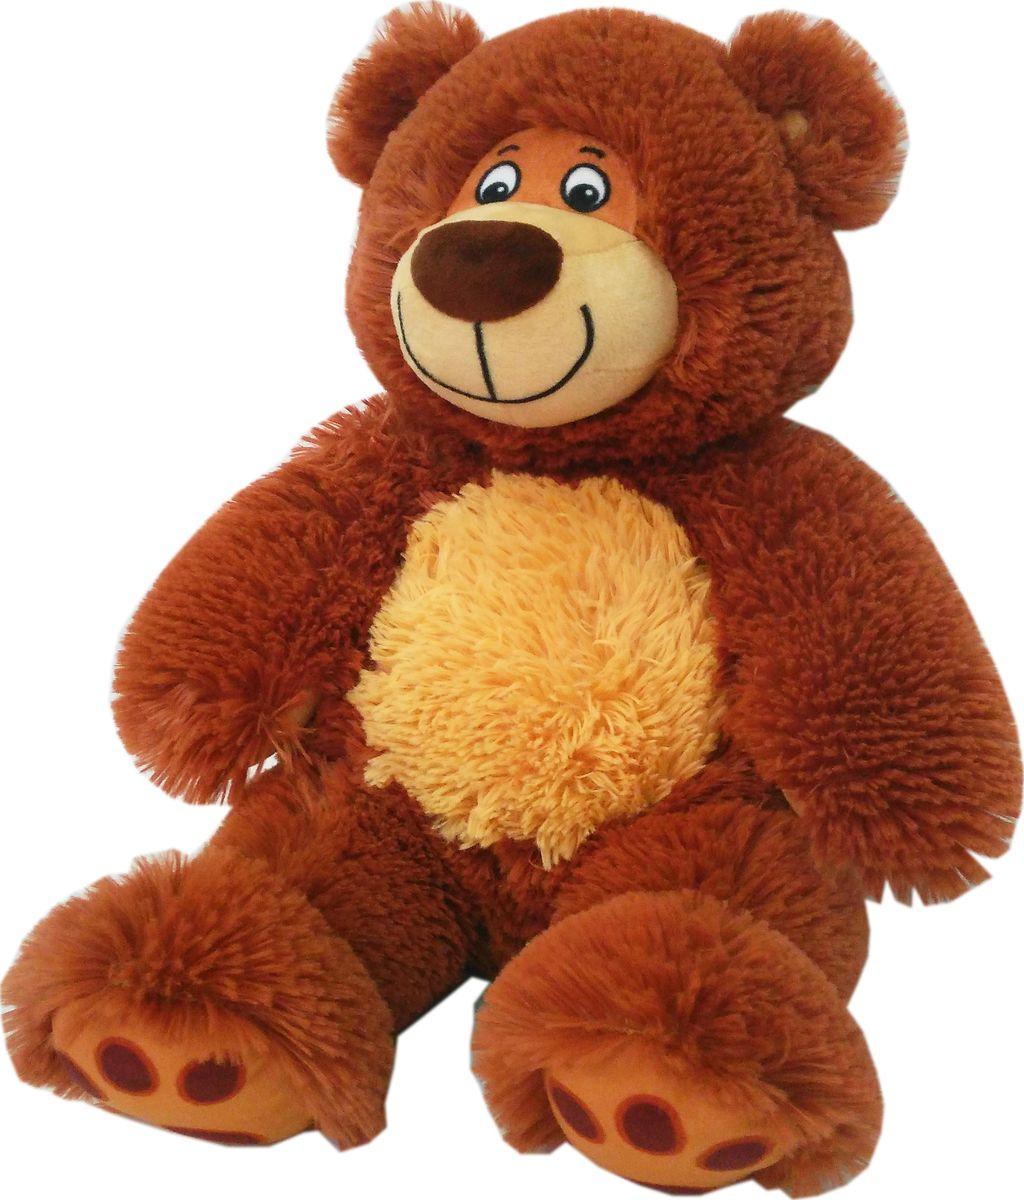 СмолТойс Мягкая игрушка Медвежонок Матвей 91 см игрушка